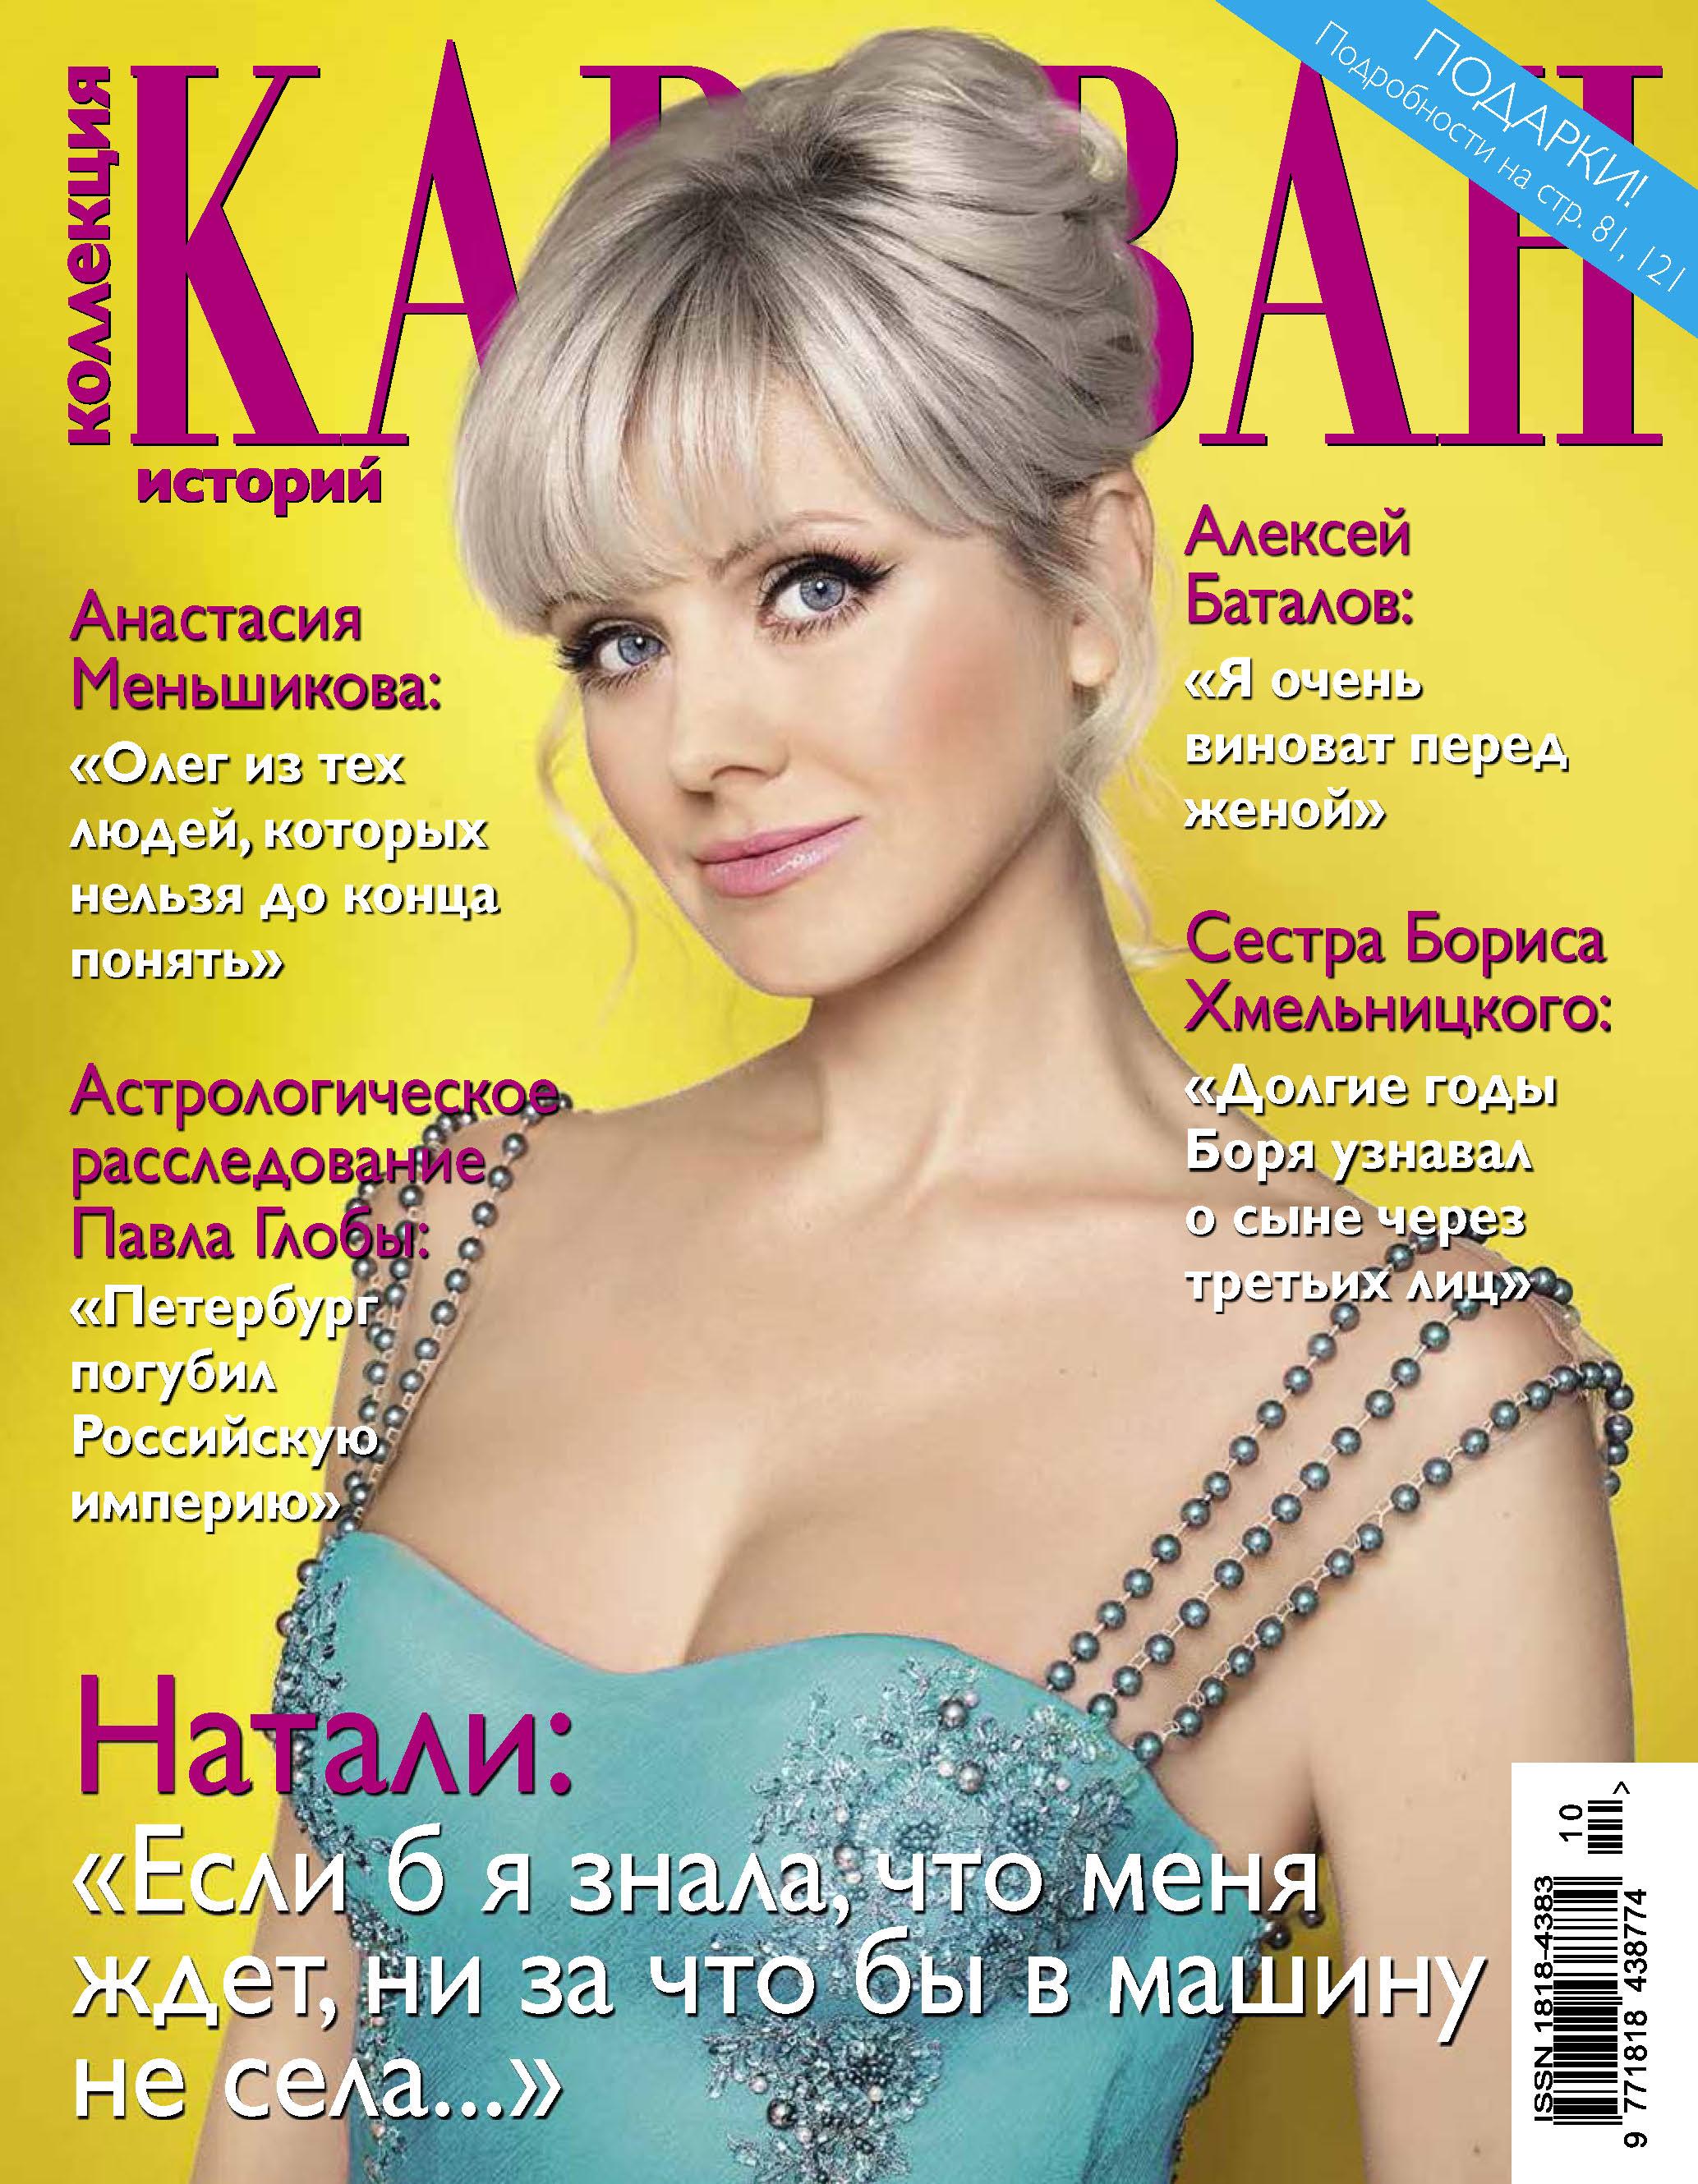 цена на Отсутствует Коллекция Караван историй №10 / октябрь 2014